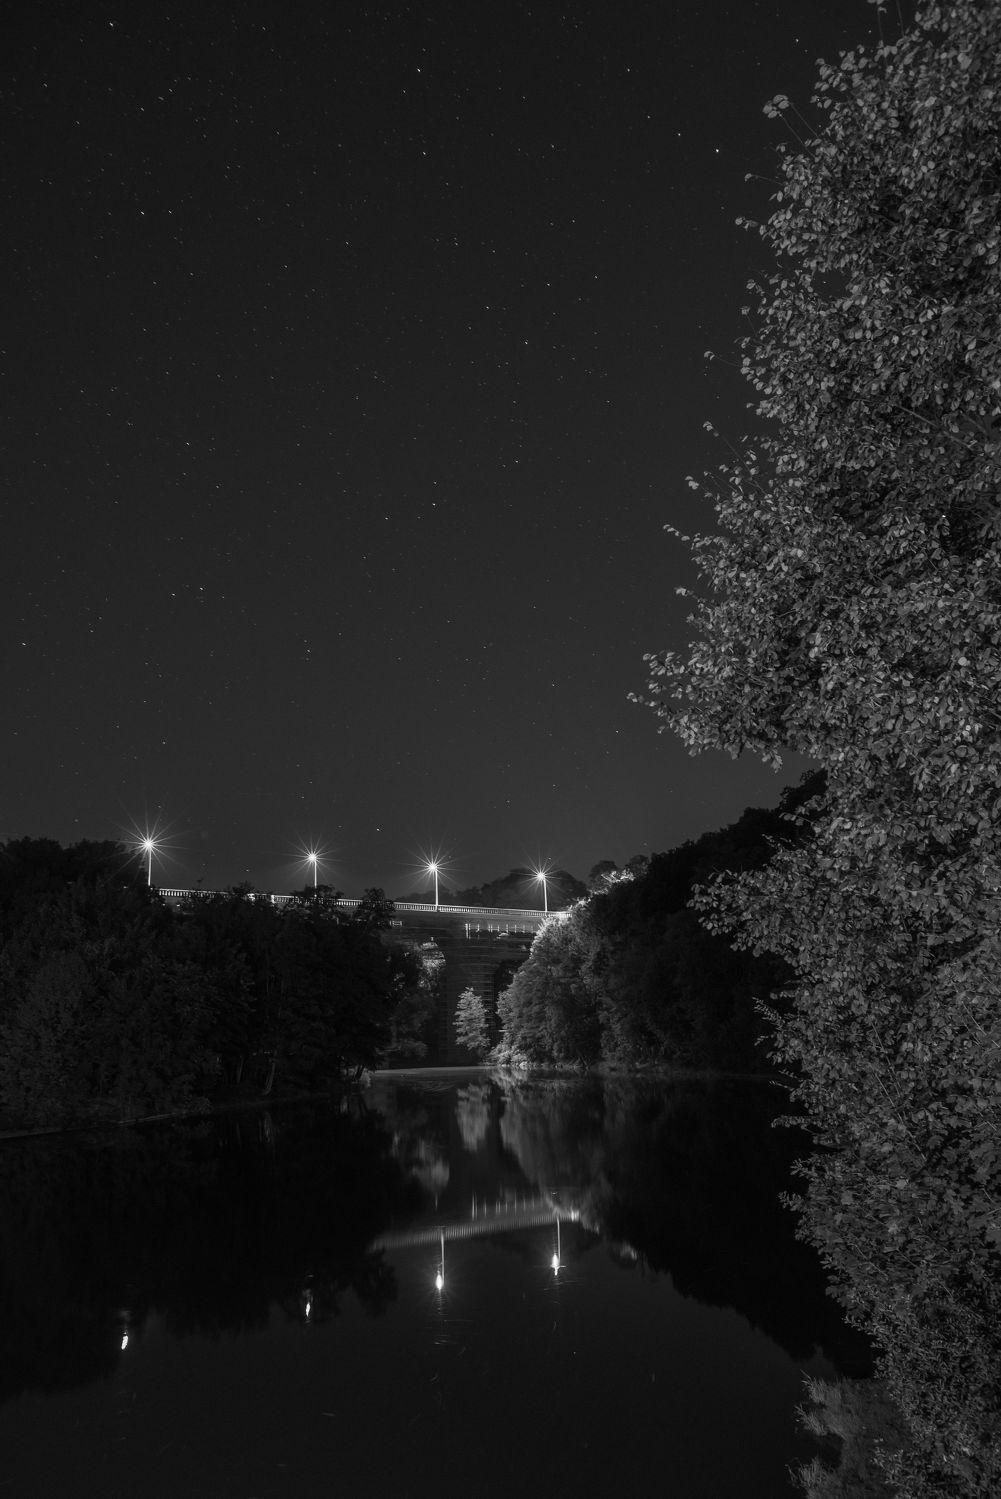 Bild mit Görlitz, Görlitz und Umgebung, Eisenbahnbrücke, Nacht, schwarz weiß, Laternen, Fluss, Wasserspiegelung